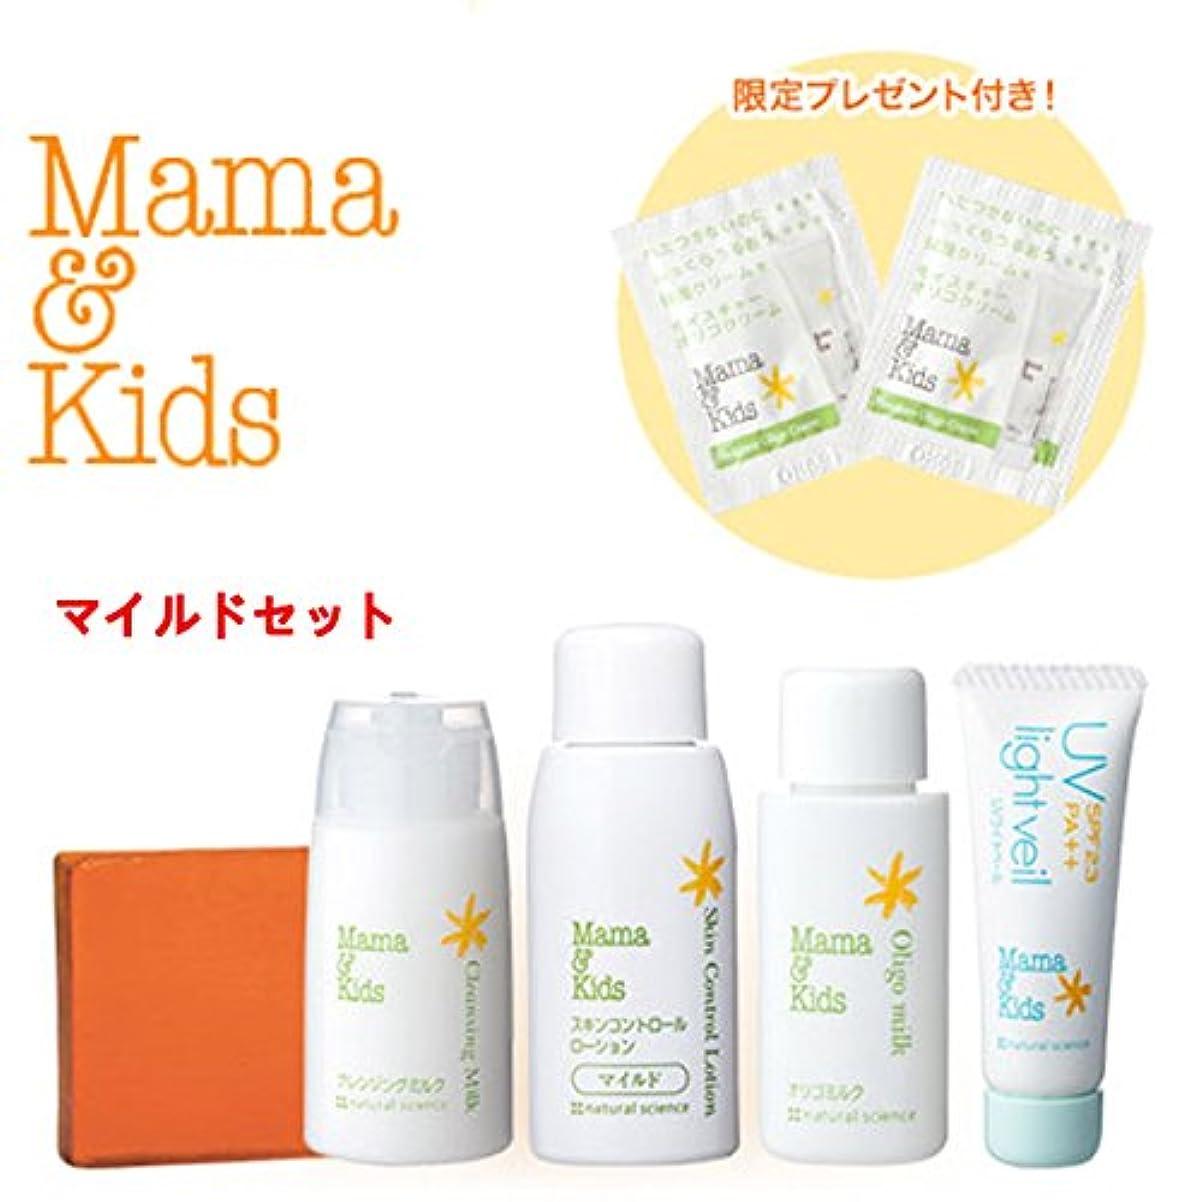 ママ&キッズぷるぷるお肌トライアルセット(マイルド)/Mama&Kids SkinCare Travel set/孕期基础护肤试用装普通保湿